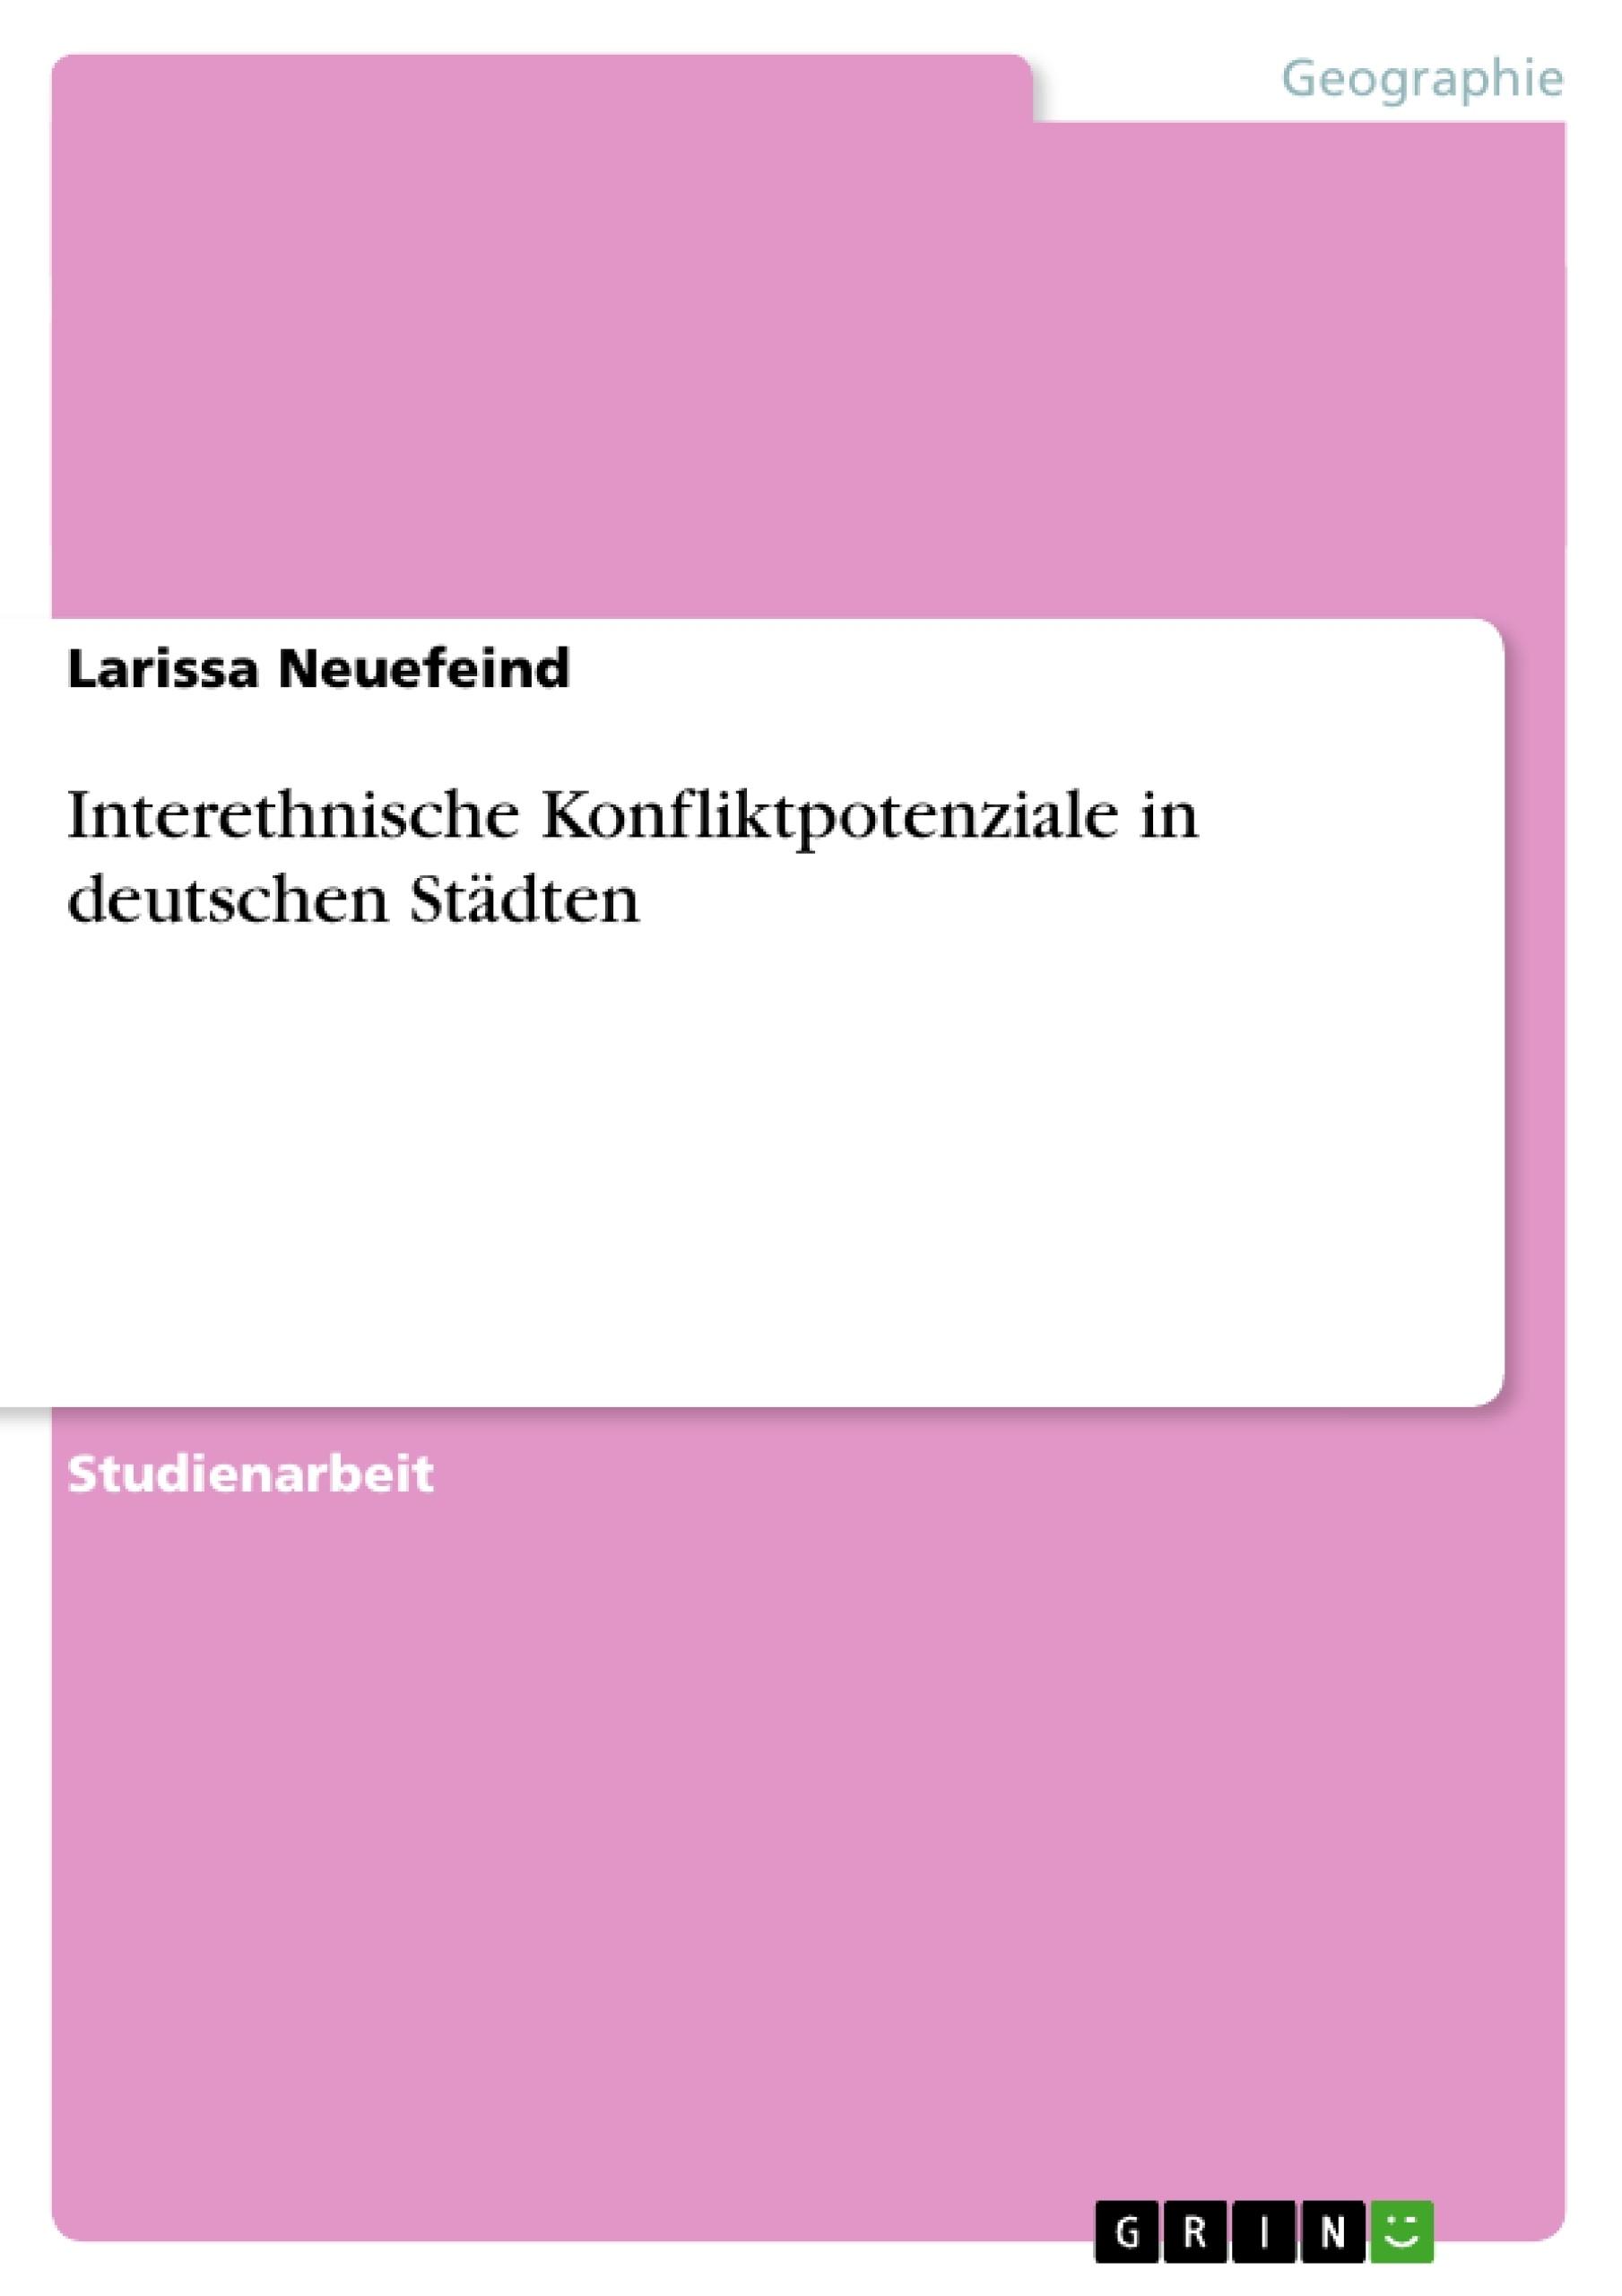 Titel: Interethnische Konfliktpotenziale in deutschen Städten